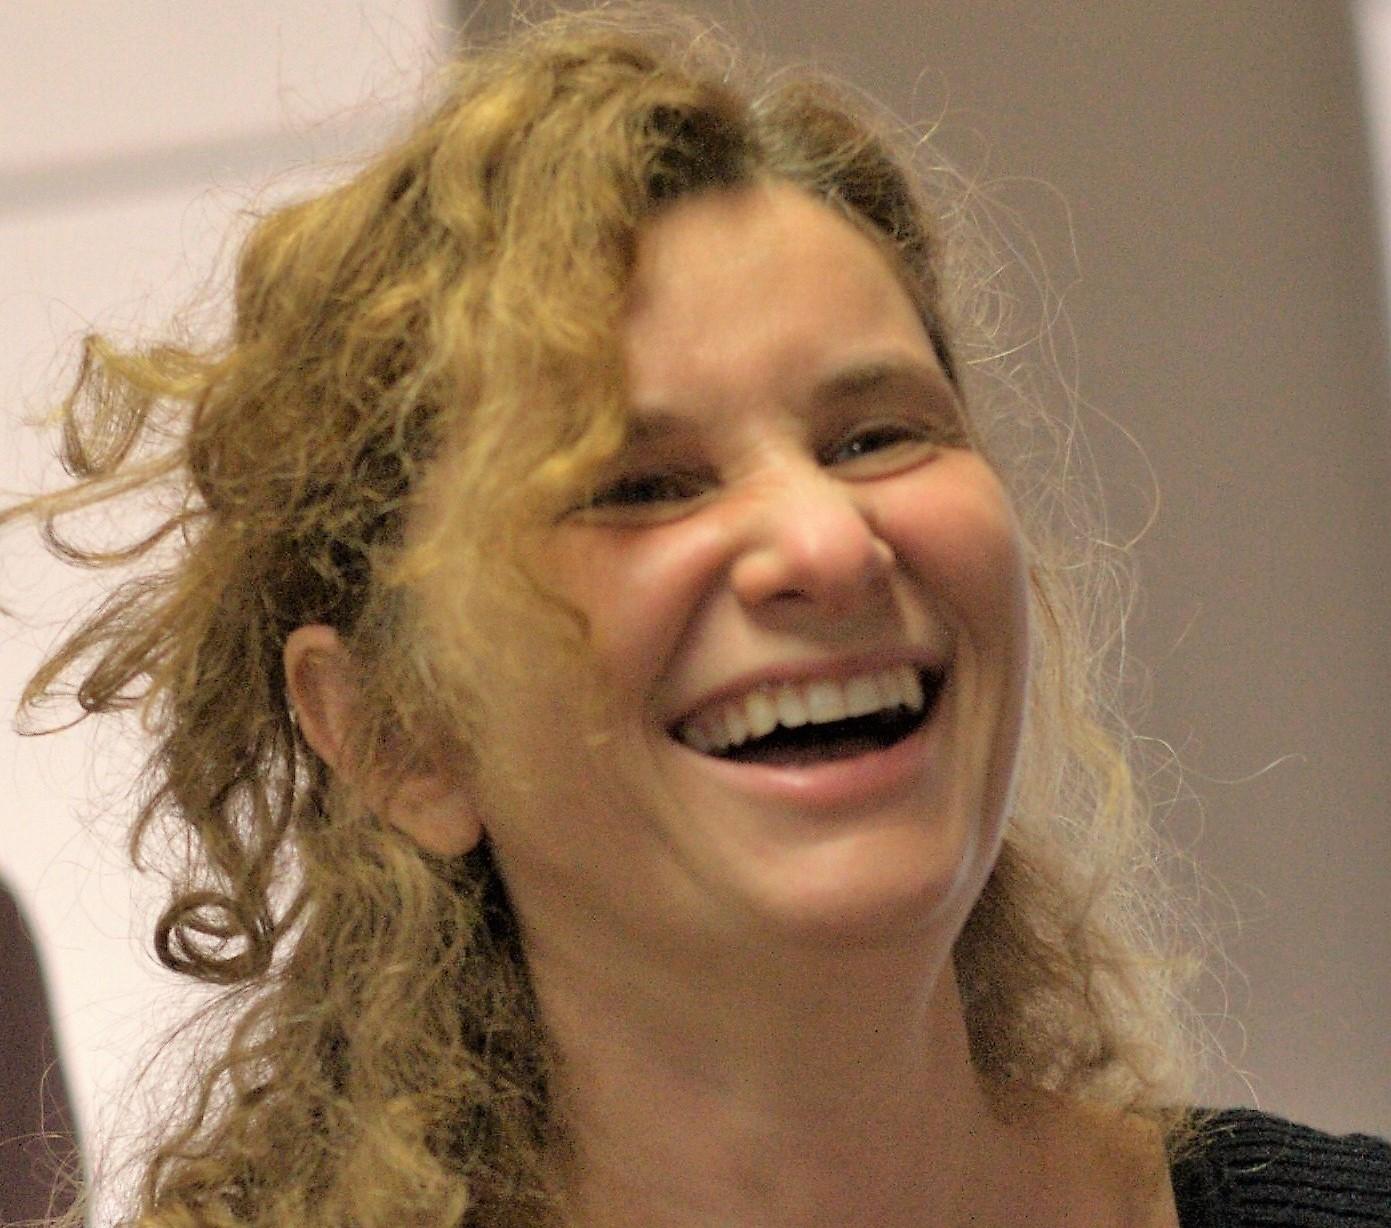 Mariangela Baldassari